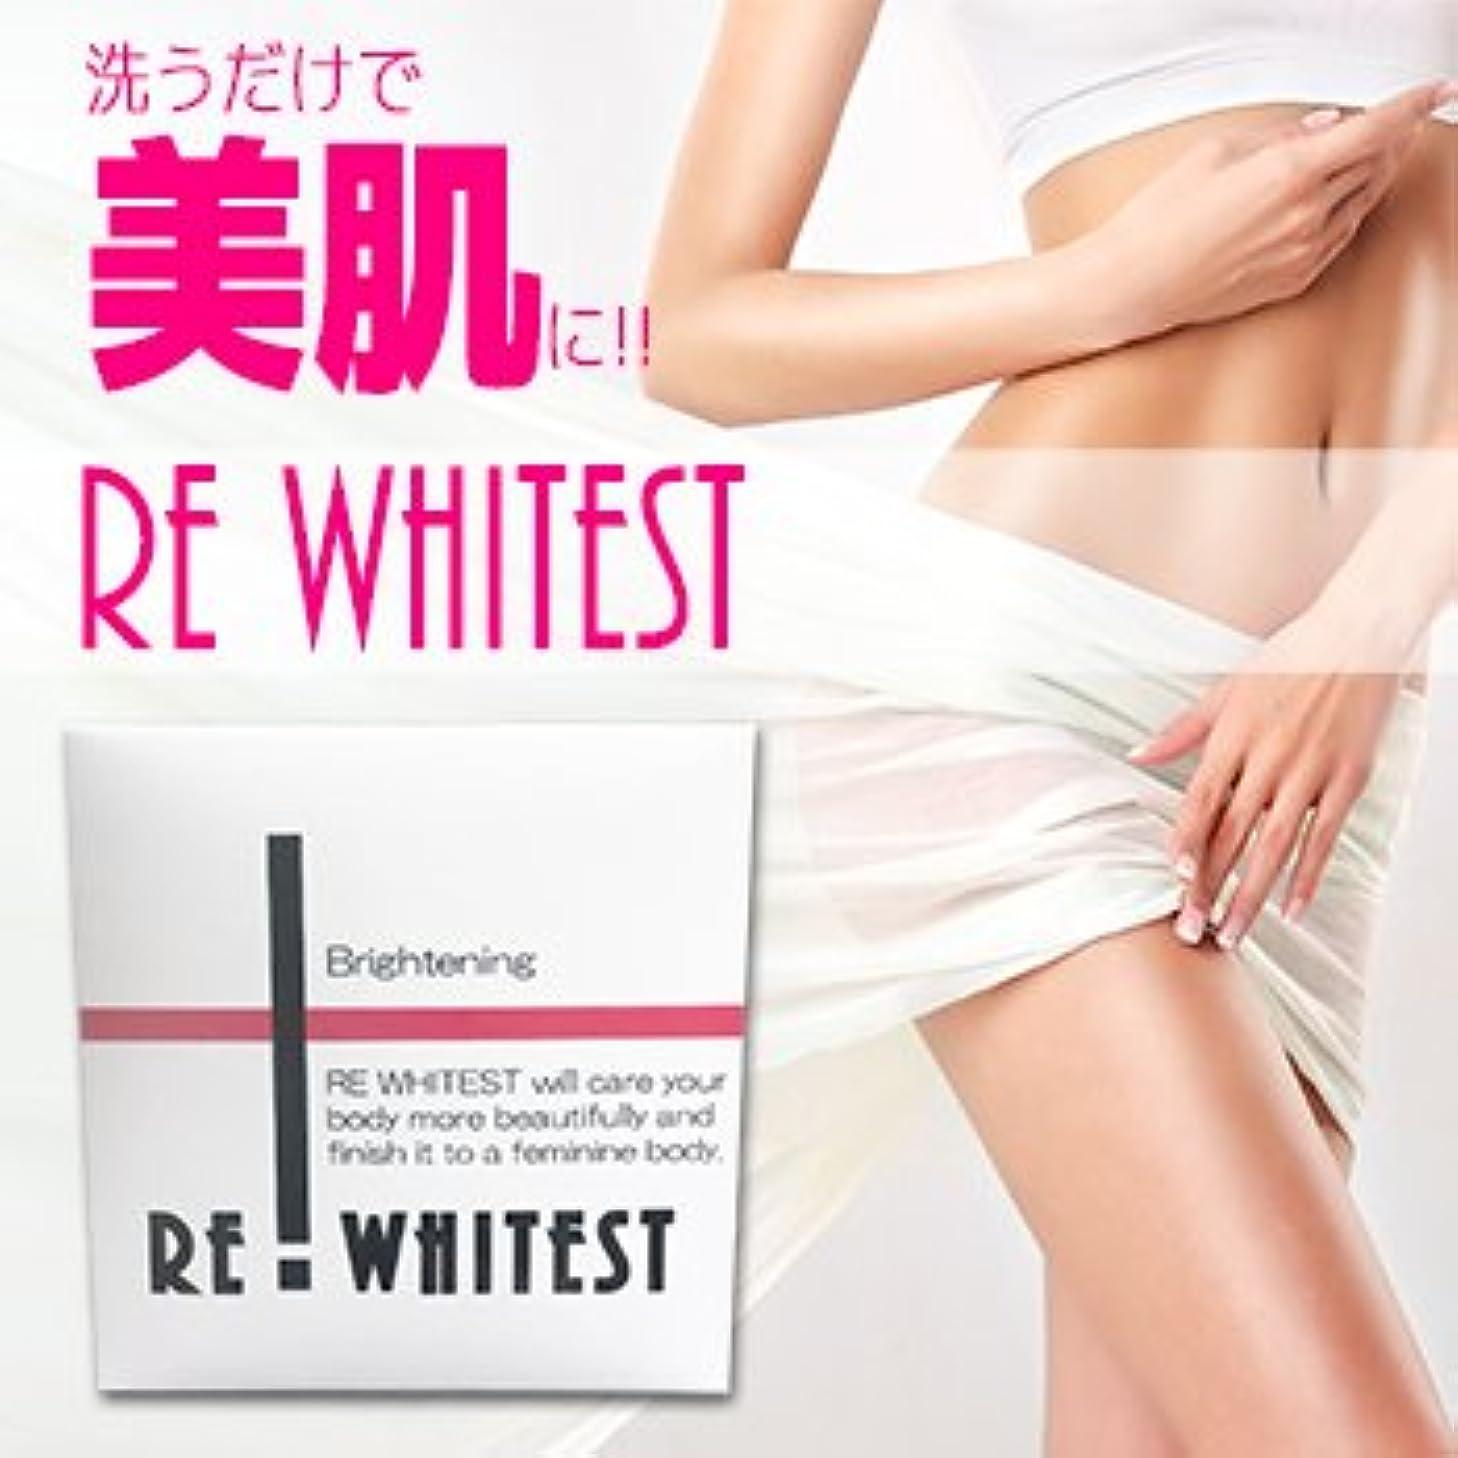 やる権限アクセスパパイン+イソフラボン配合女性用美肌石鹸 REWHITEST-リホワイテスト-